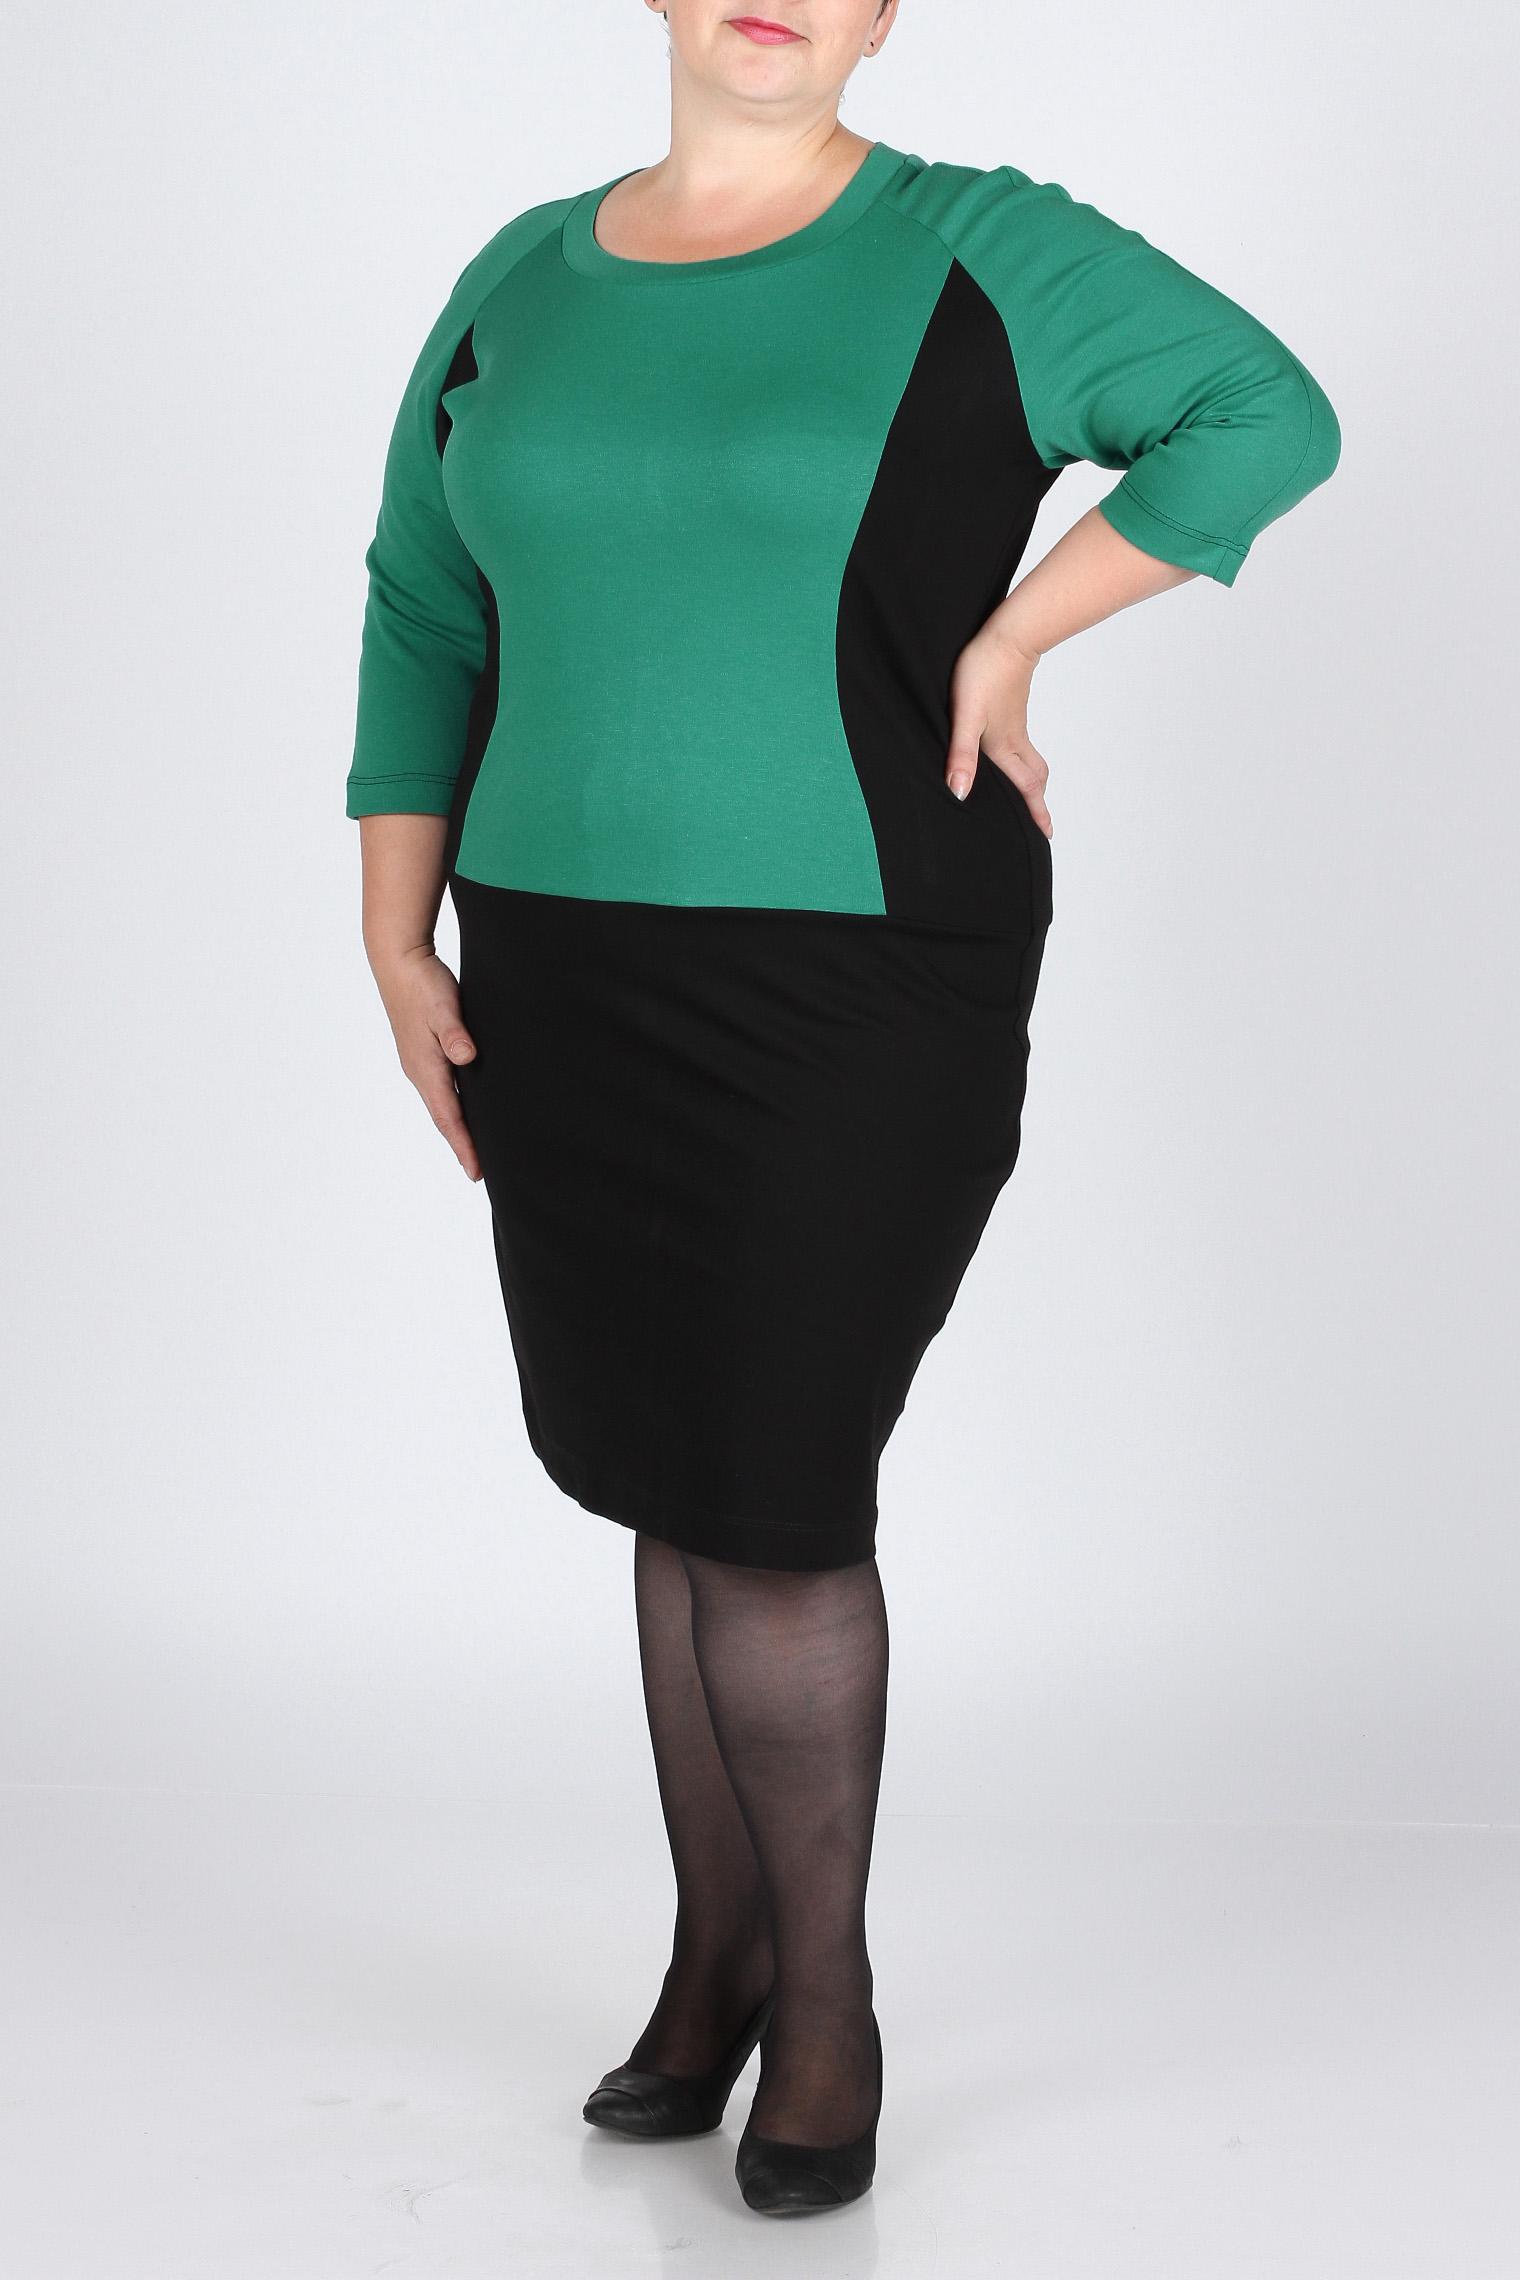 ПлатьеПлатья<br>Стильное платье из итальянского джерси прямого фасона. Зеленая вставка по полочке и рукавам  стройнит фигуру. Длина изделия по спинке - 103 см.  Цвет: черный, зеленый  Рост девушки-фотомодели 164 см., размер 56.<br><br>Горловина: С- горловина<br>По длине: До колена<br>По материалу: Трикотаж<br>По рисунку: Цветные<br>По сезону: Весна,Осень,Зима<br>По силуэту: Полуприталенные<br>По стилю: Повседневный стиль<br>По форме: Платье - футляр<br>Рукав: Рукав три четверти<br>Размер : 52,54,56,58,60<br>Материал: Джерси<br>Количество в наличии: 5